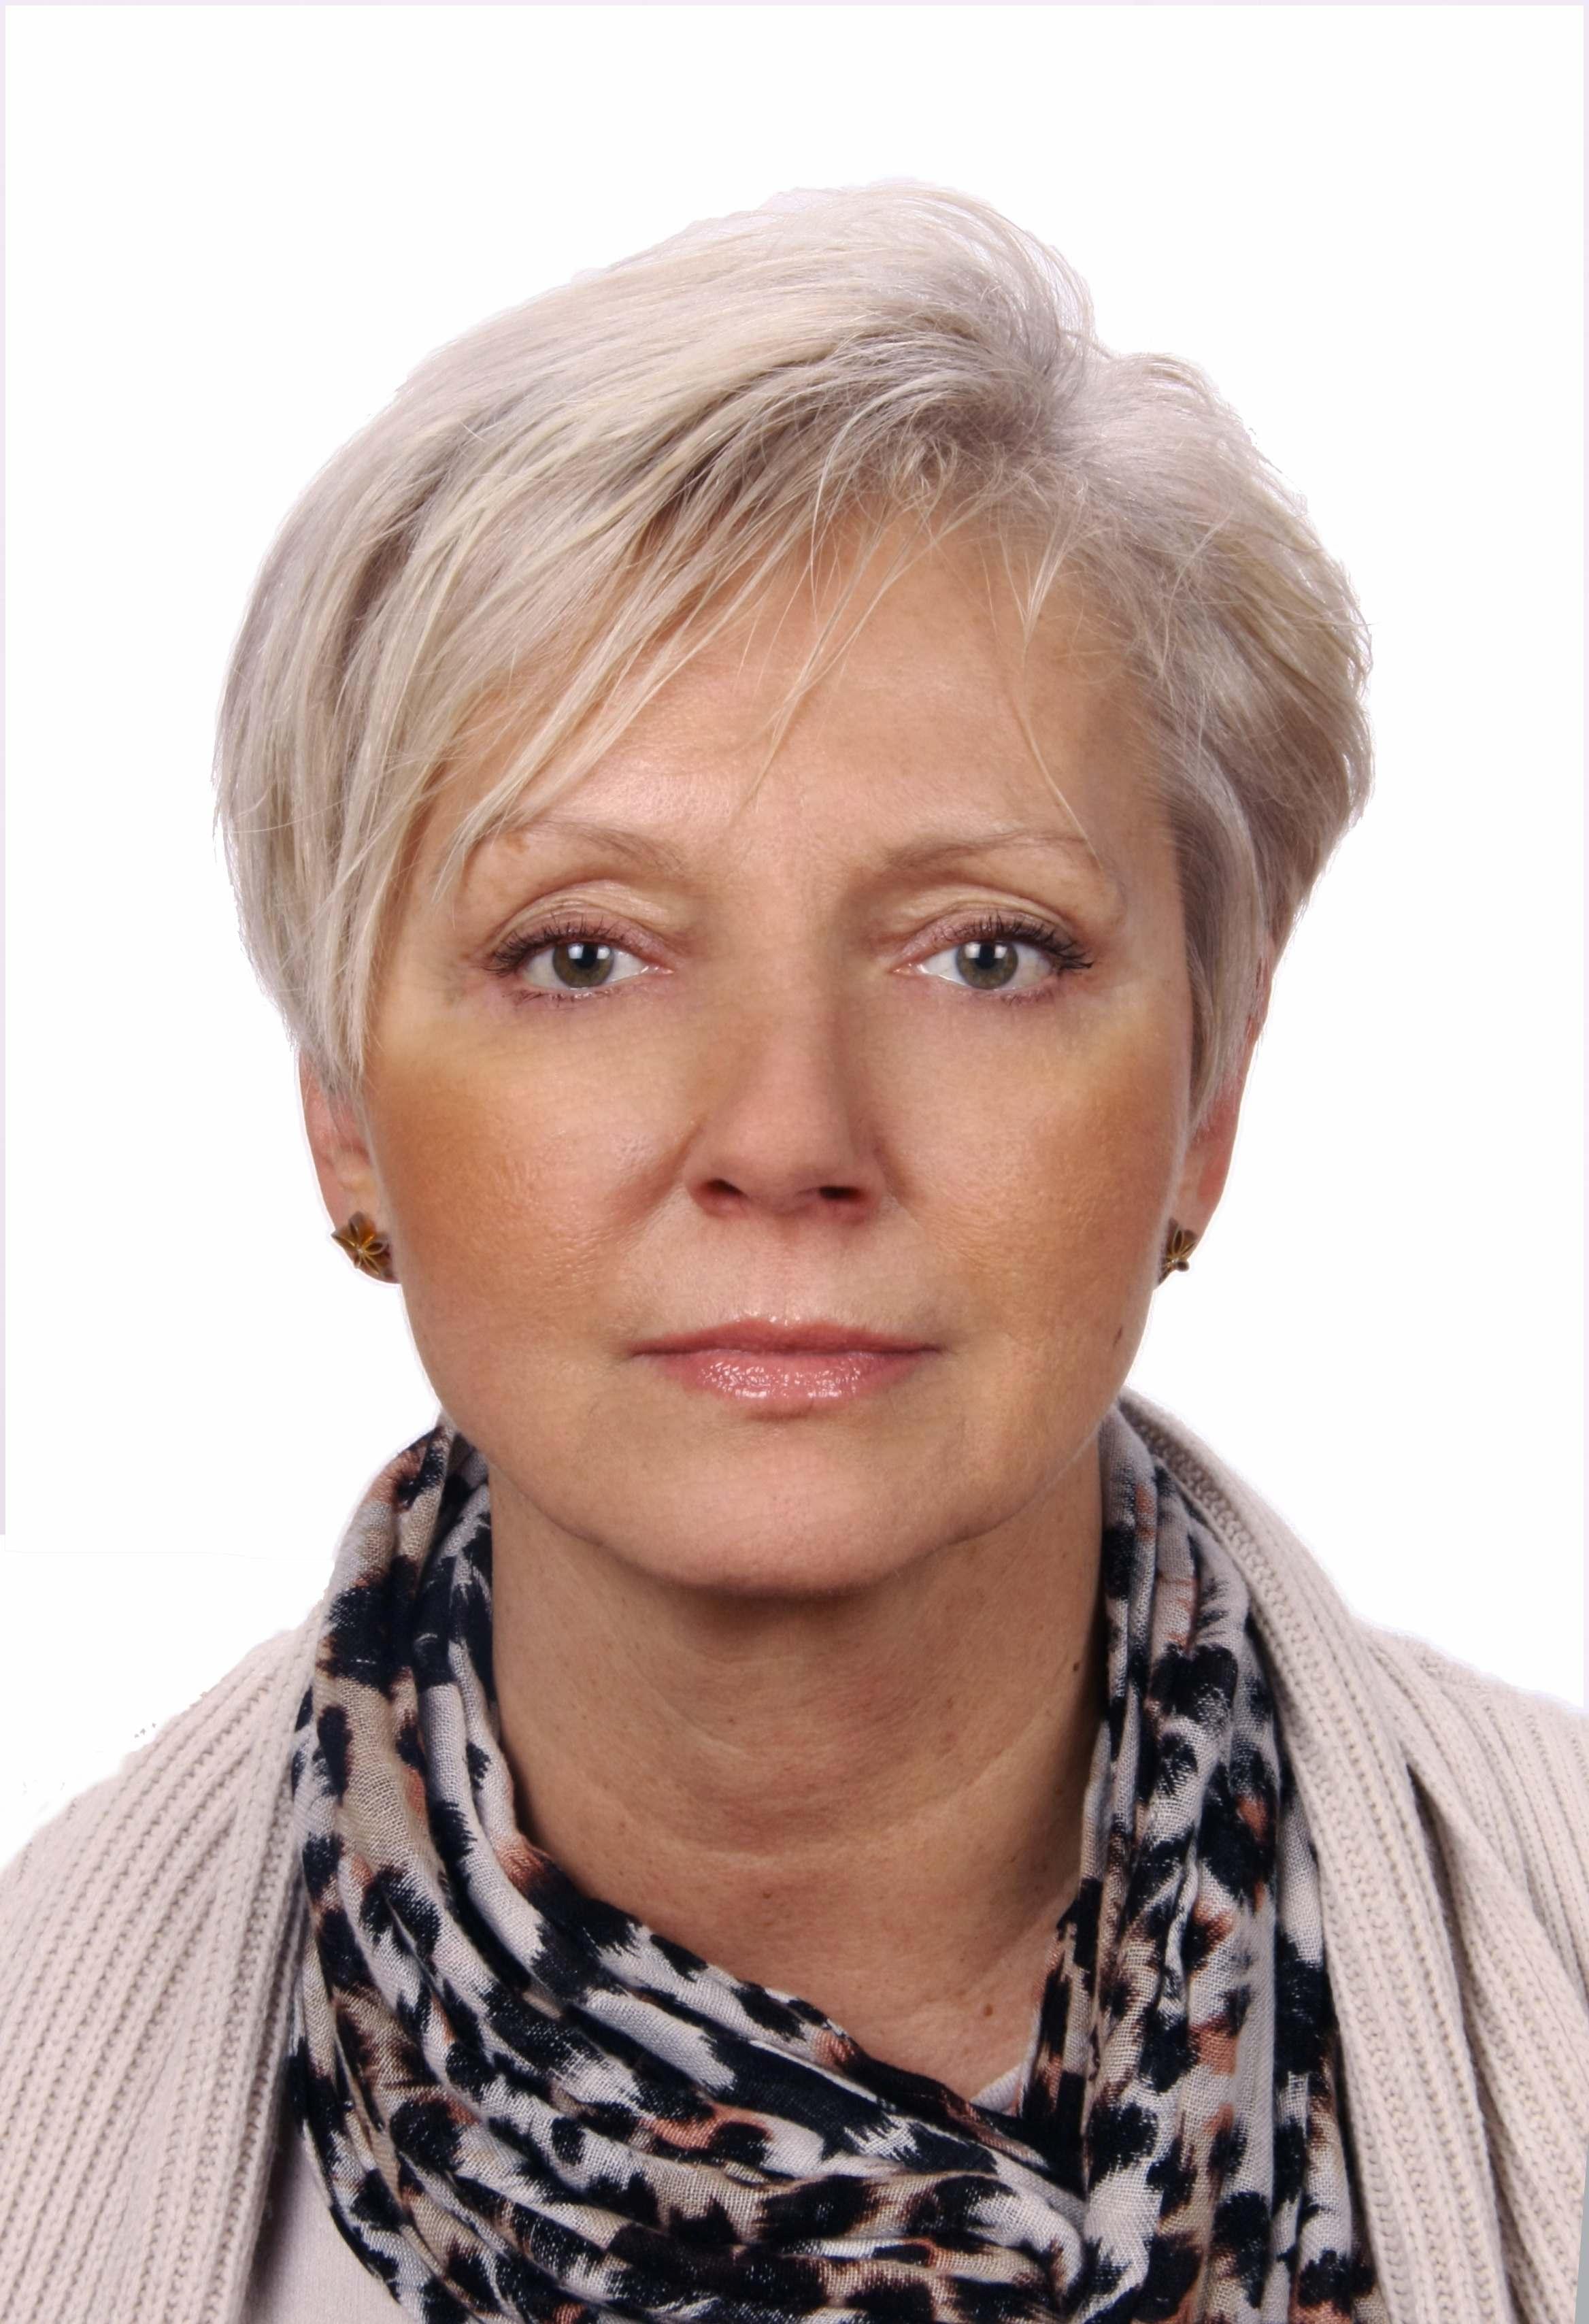 Kierownik Katedry i Zakładu: prof. dr hab. Grażyna Odrowąż-Sypniewska